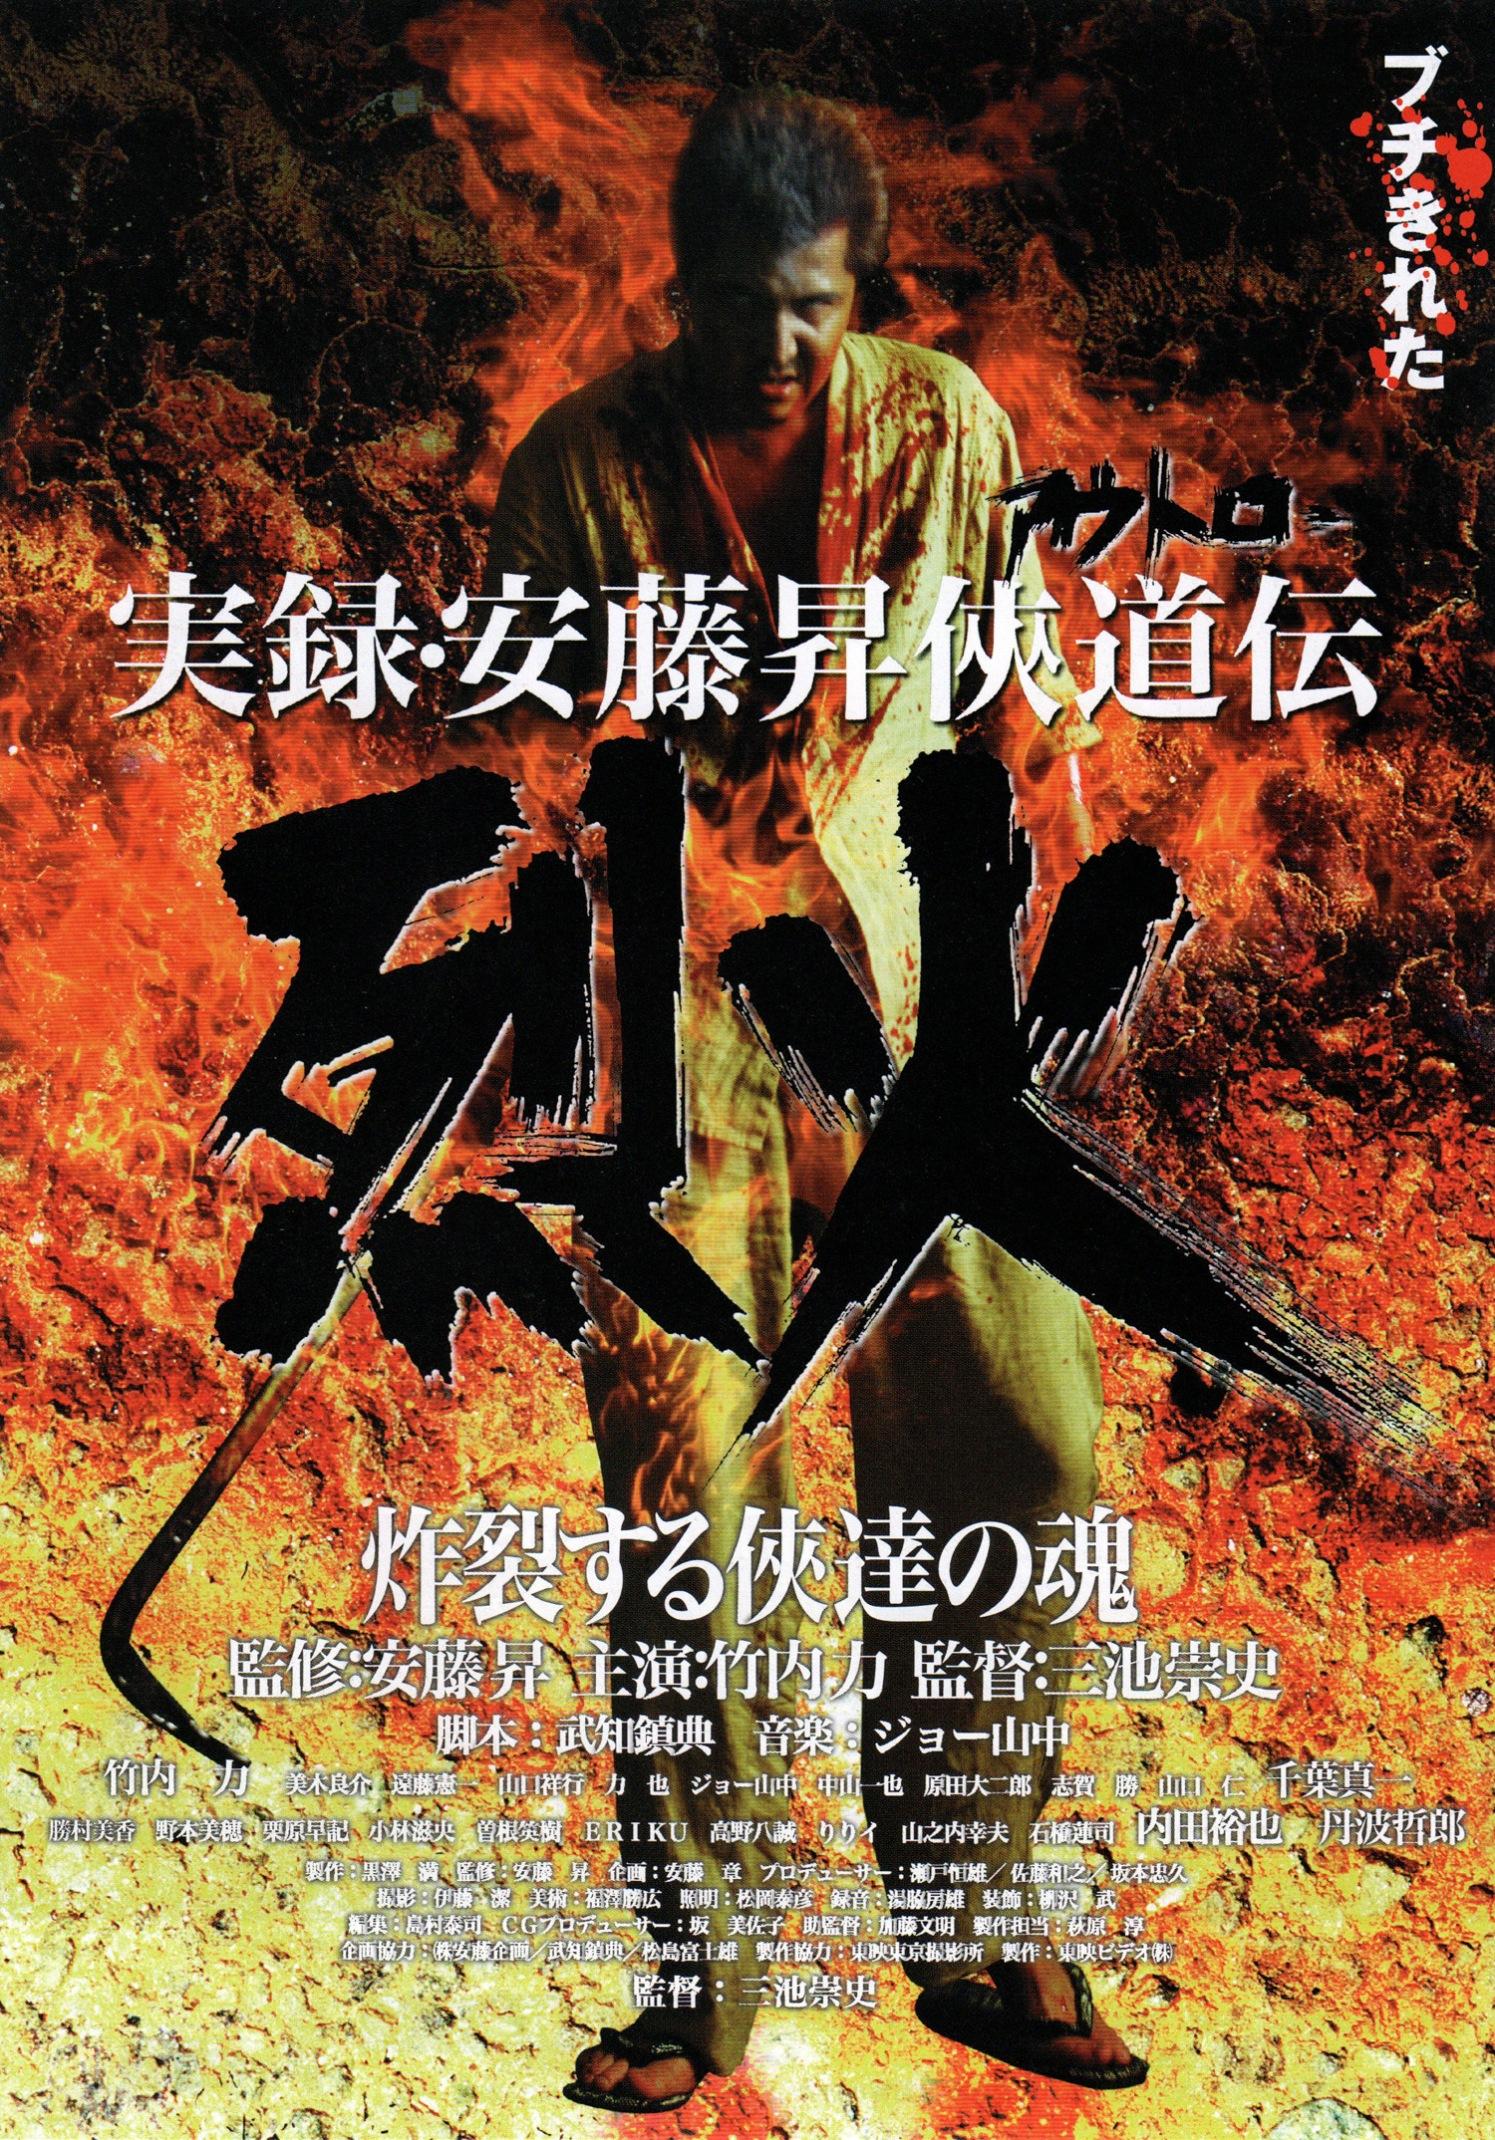 deadlyoutlawrekka-japan-1